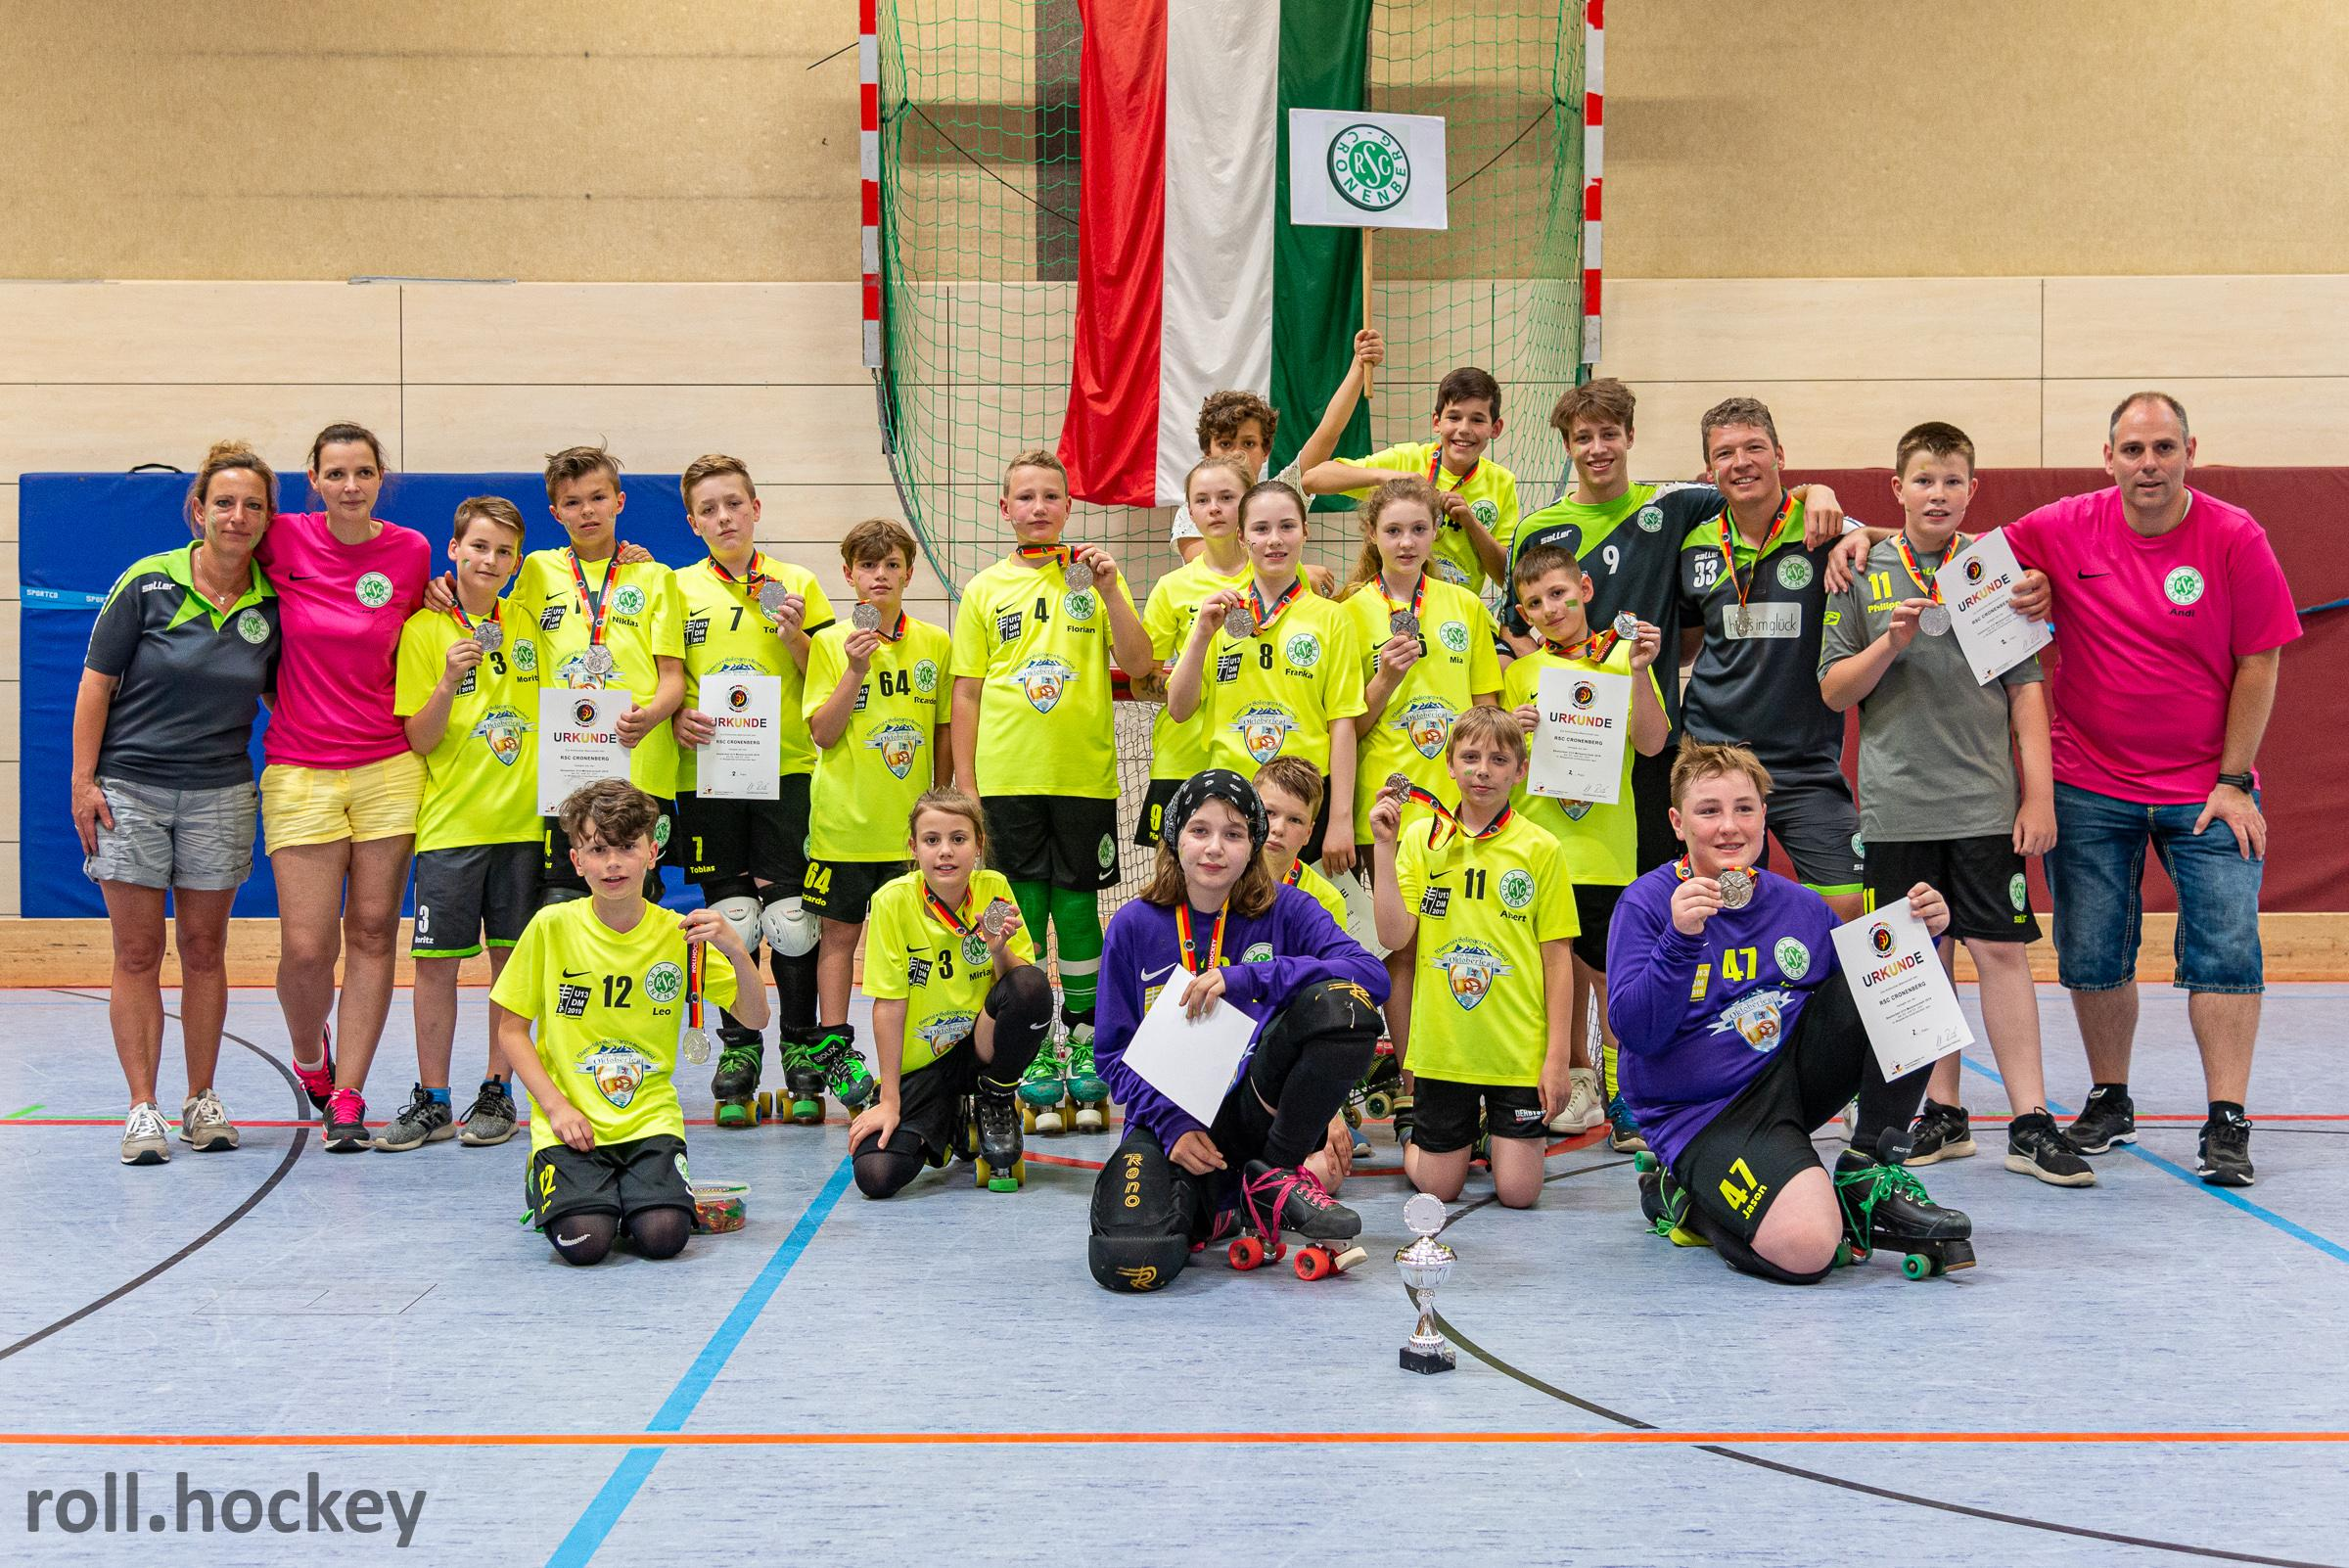 RSC Cronenberg Rollhockey Deutsche Meisterschaft U13 2019